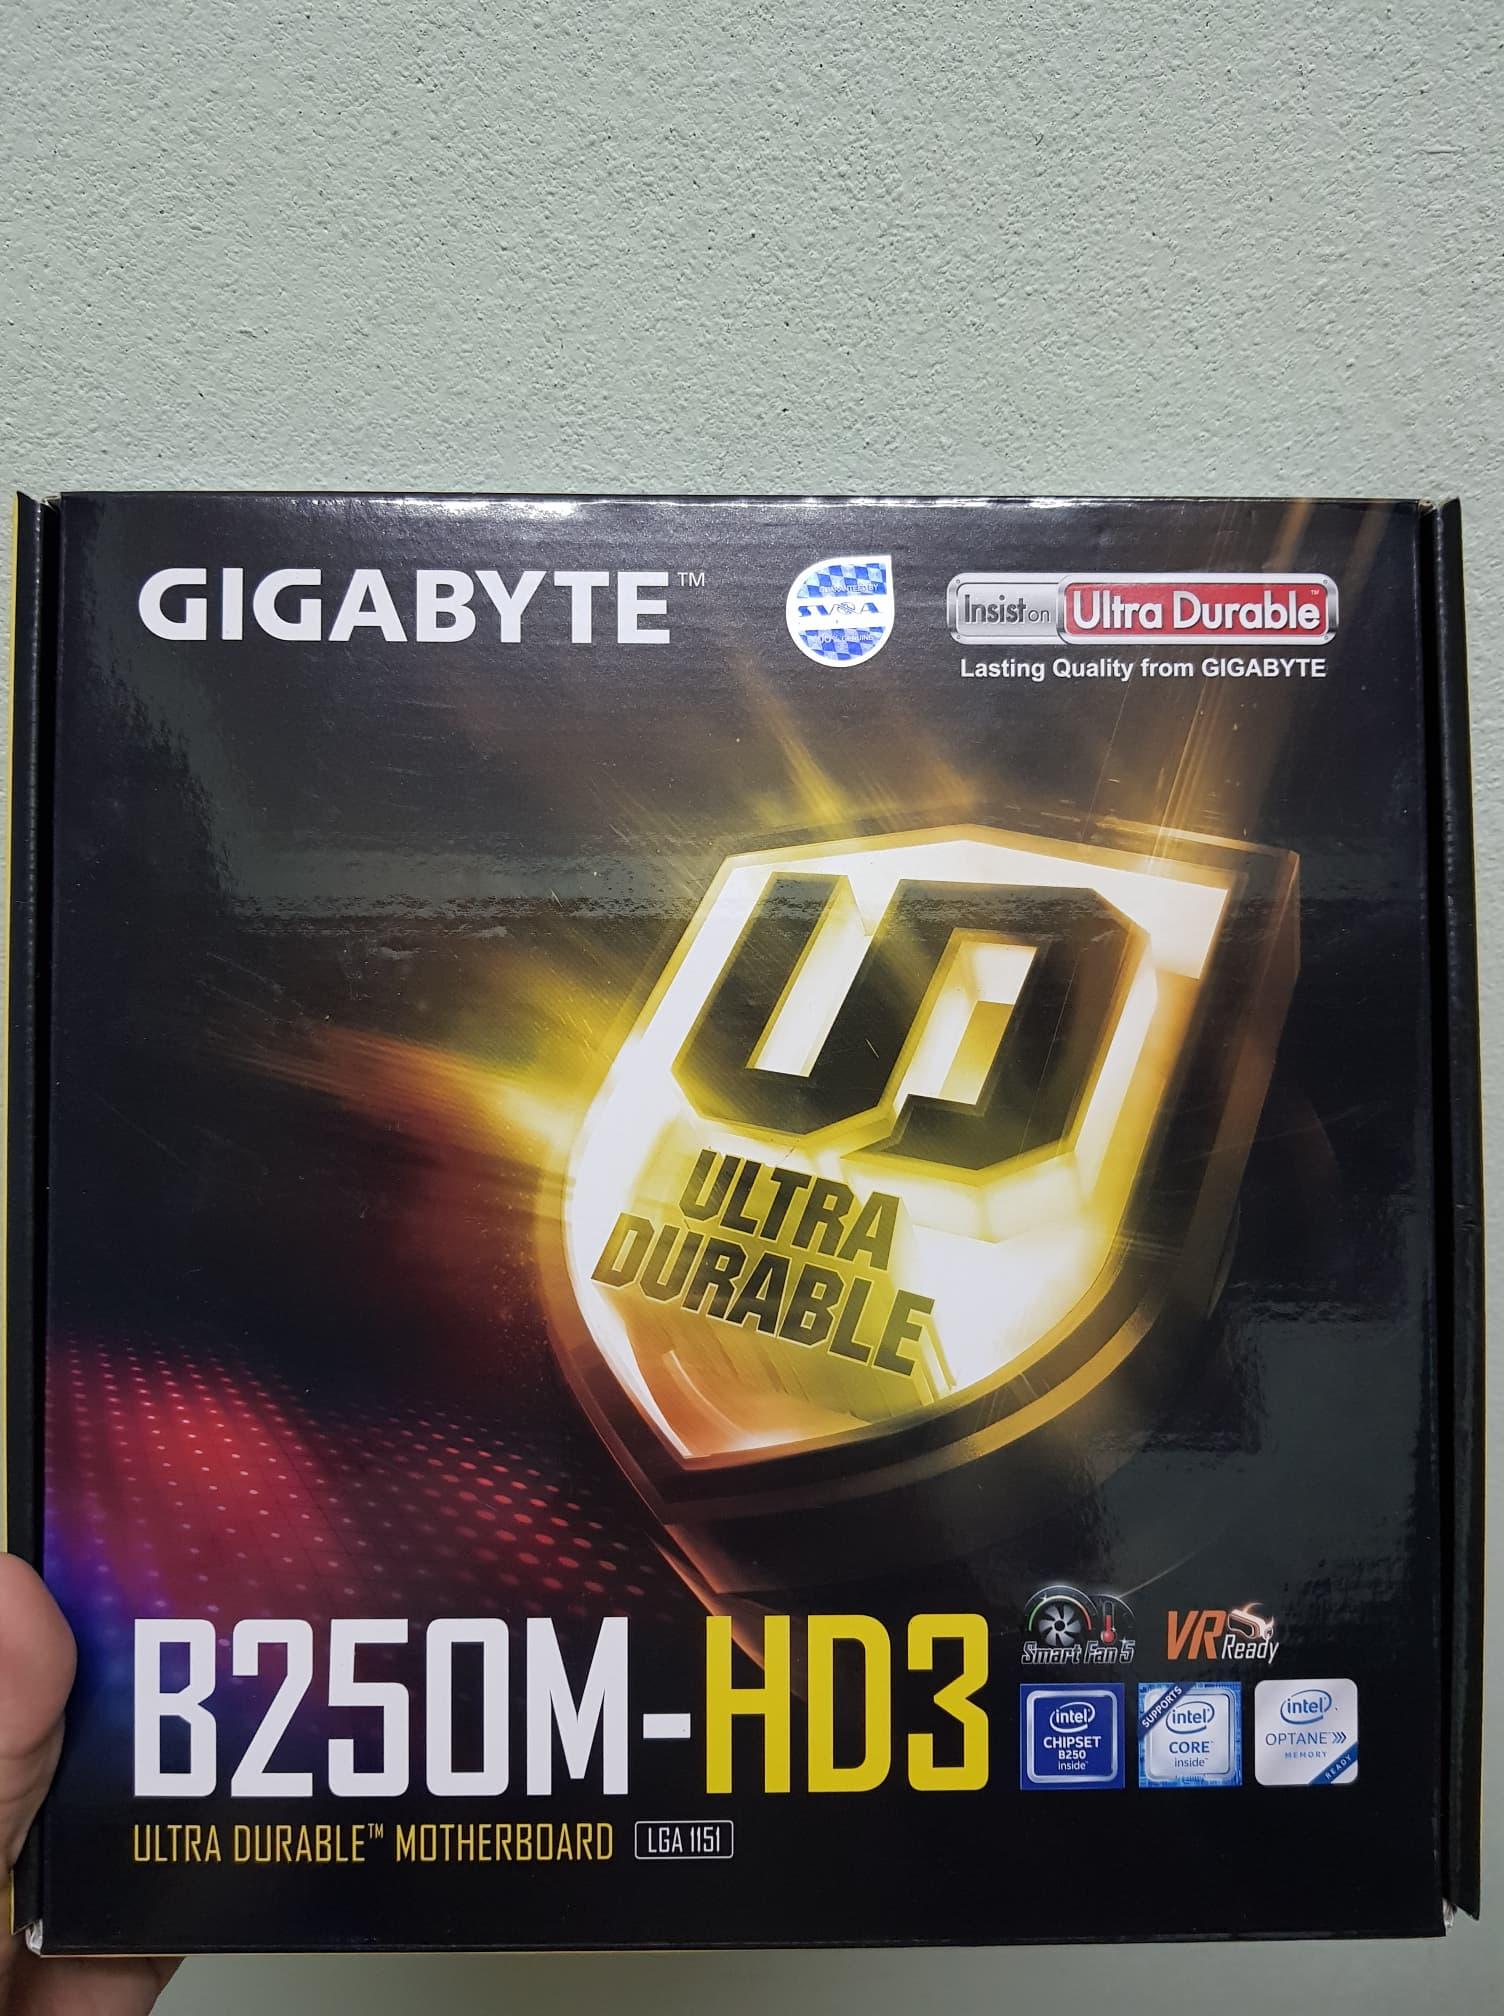 970 EVO NVMe M 2 SSD ใส่กับบอร์ดตัวนี้ ได้ไหมคะ รบกวนผู้รู้